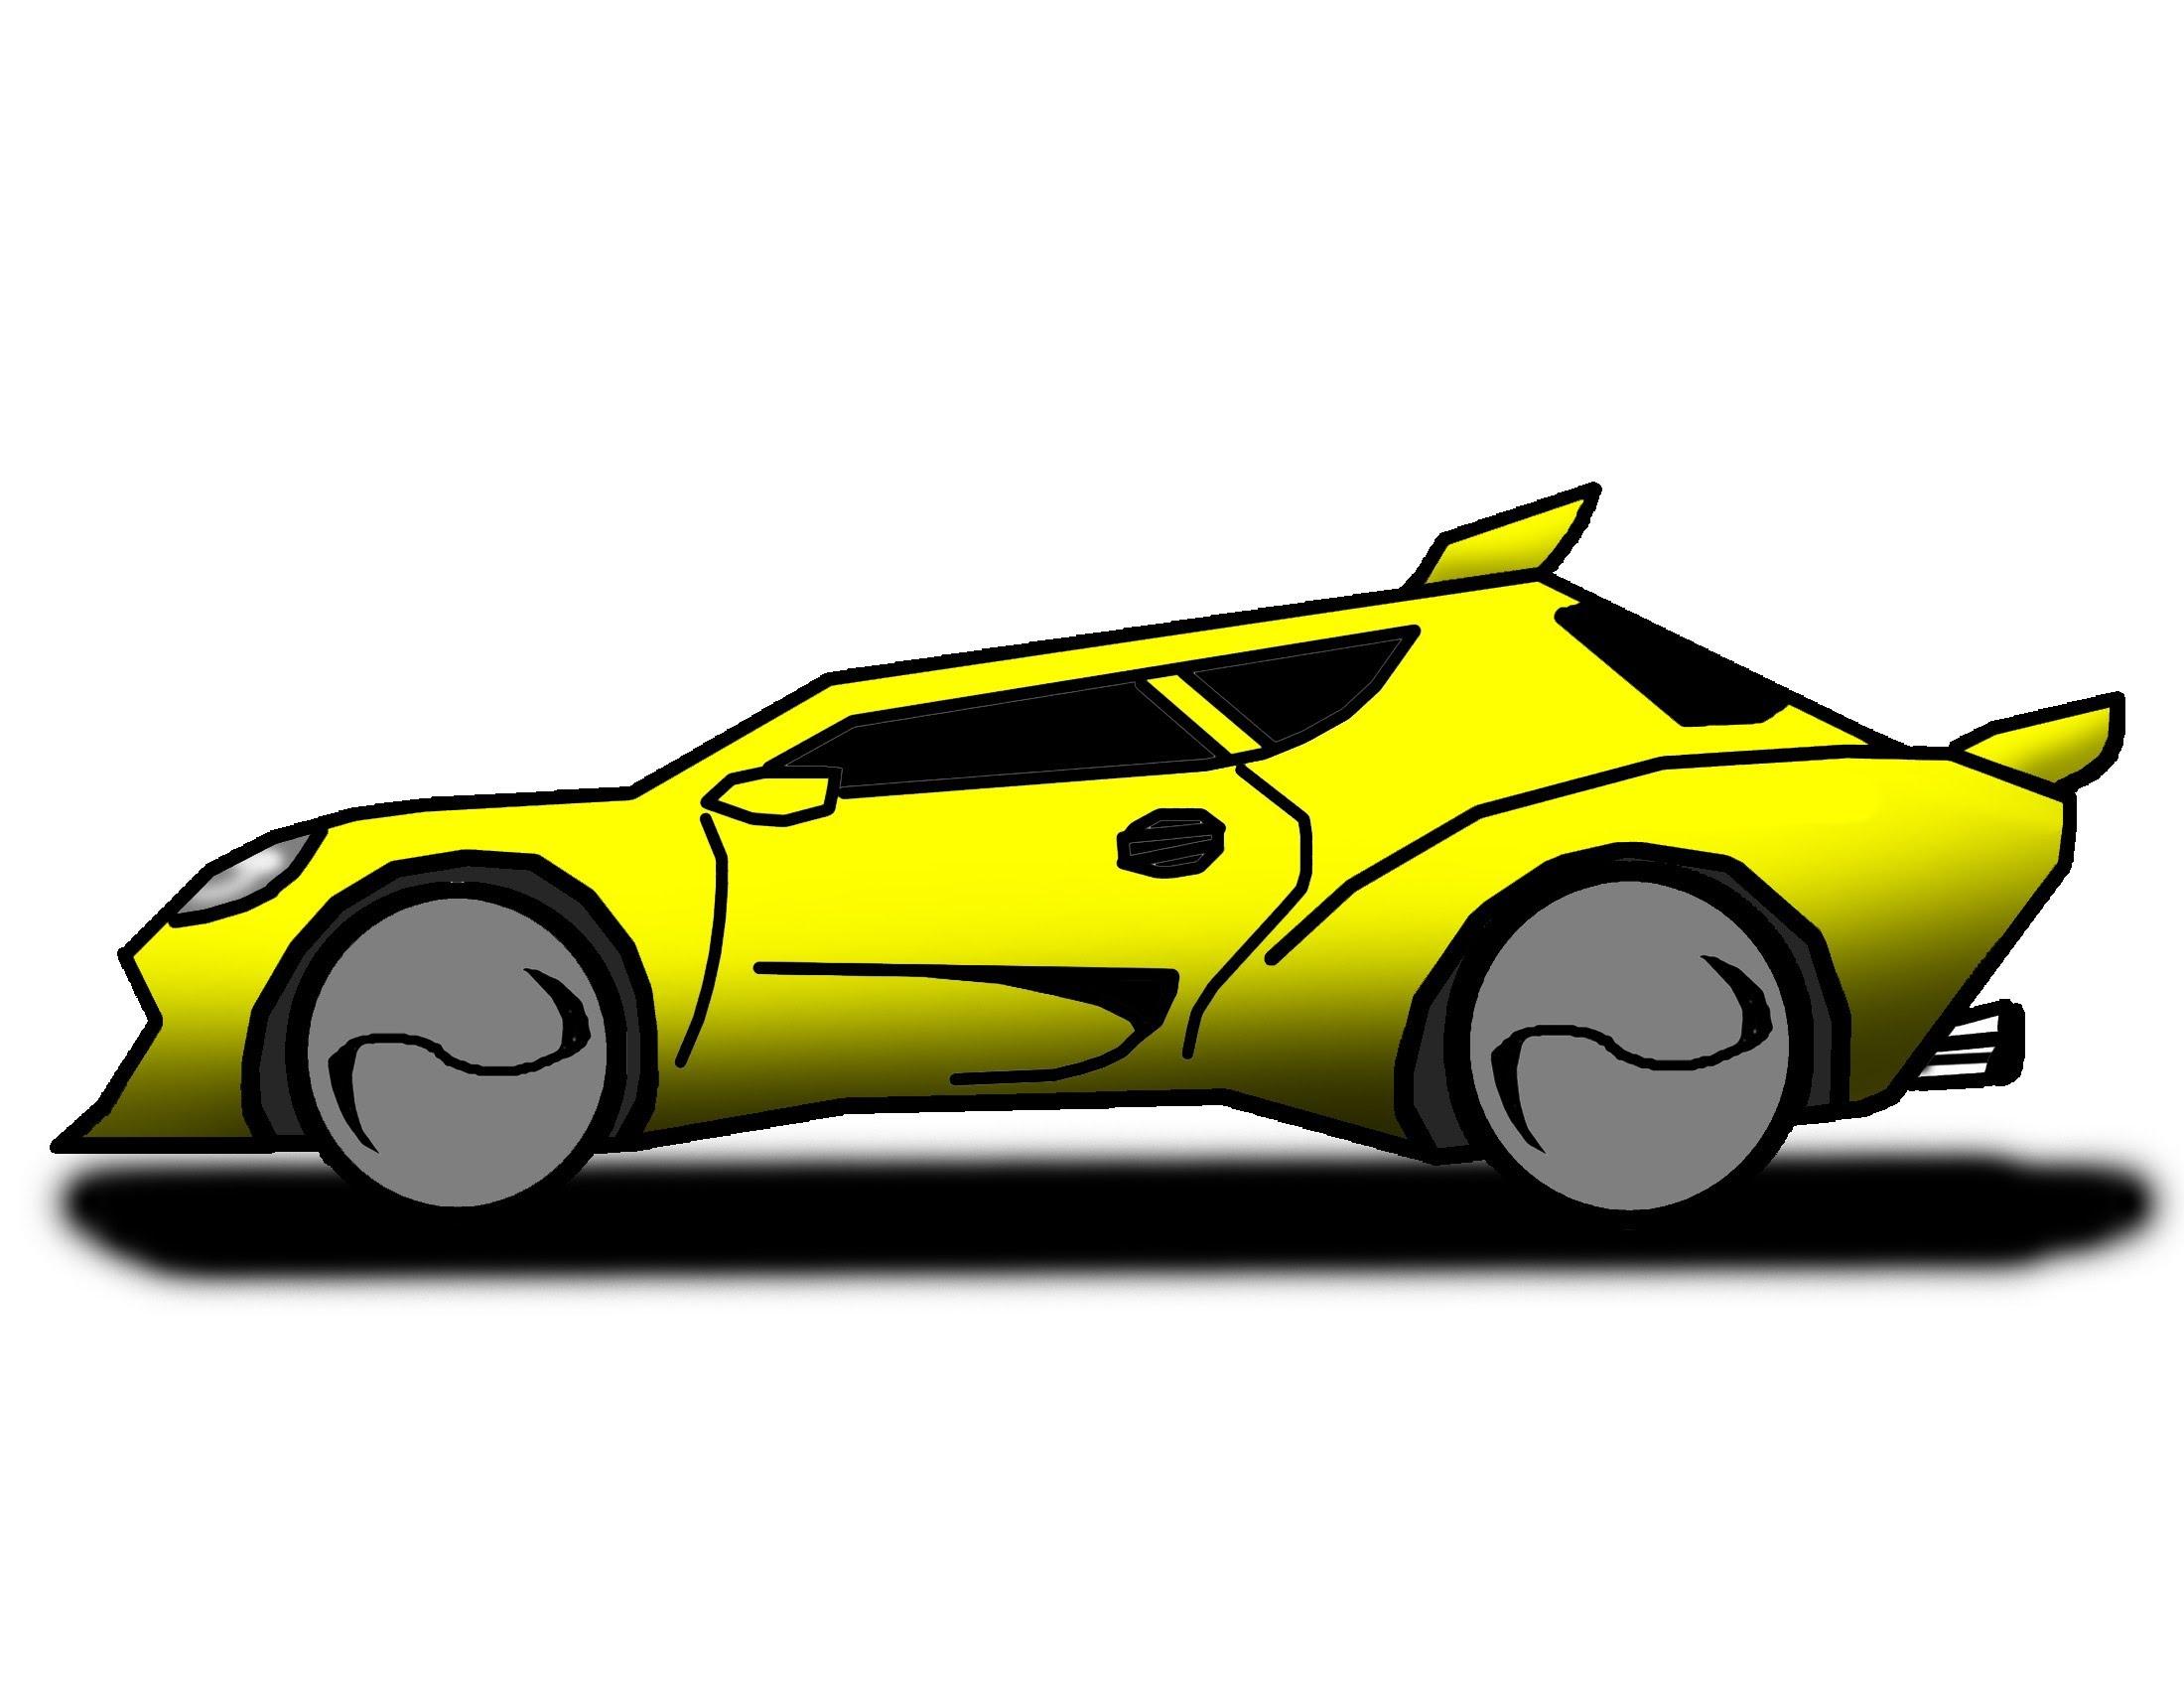 2200x1700 How To Draw Cartoon Renegade Car The Ez Way